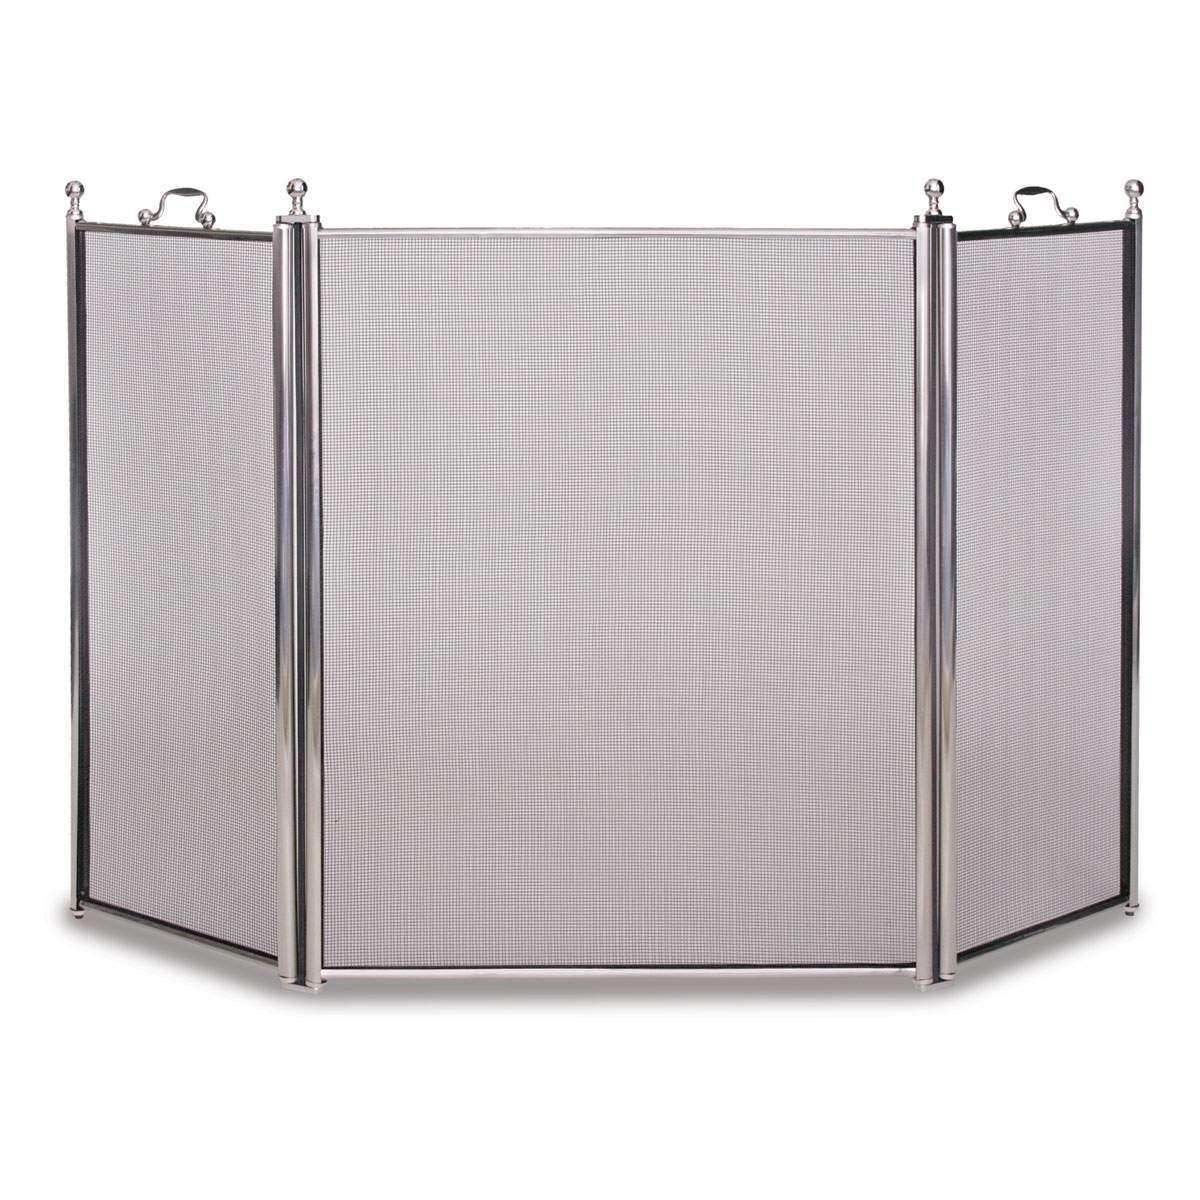 Napa Tiburon 3 Panel Folding Screen - Satin Nickel